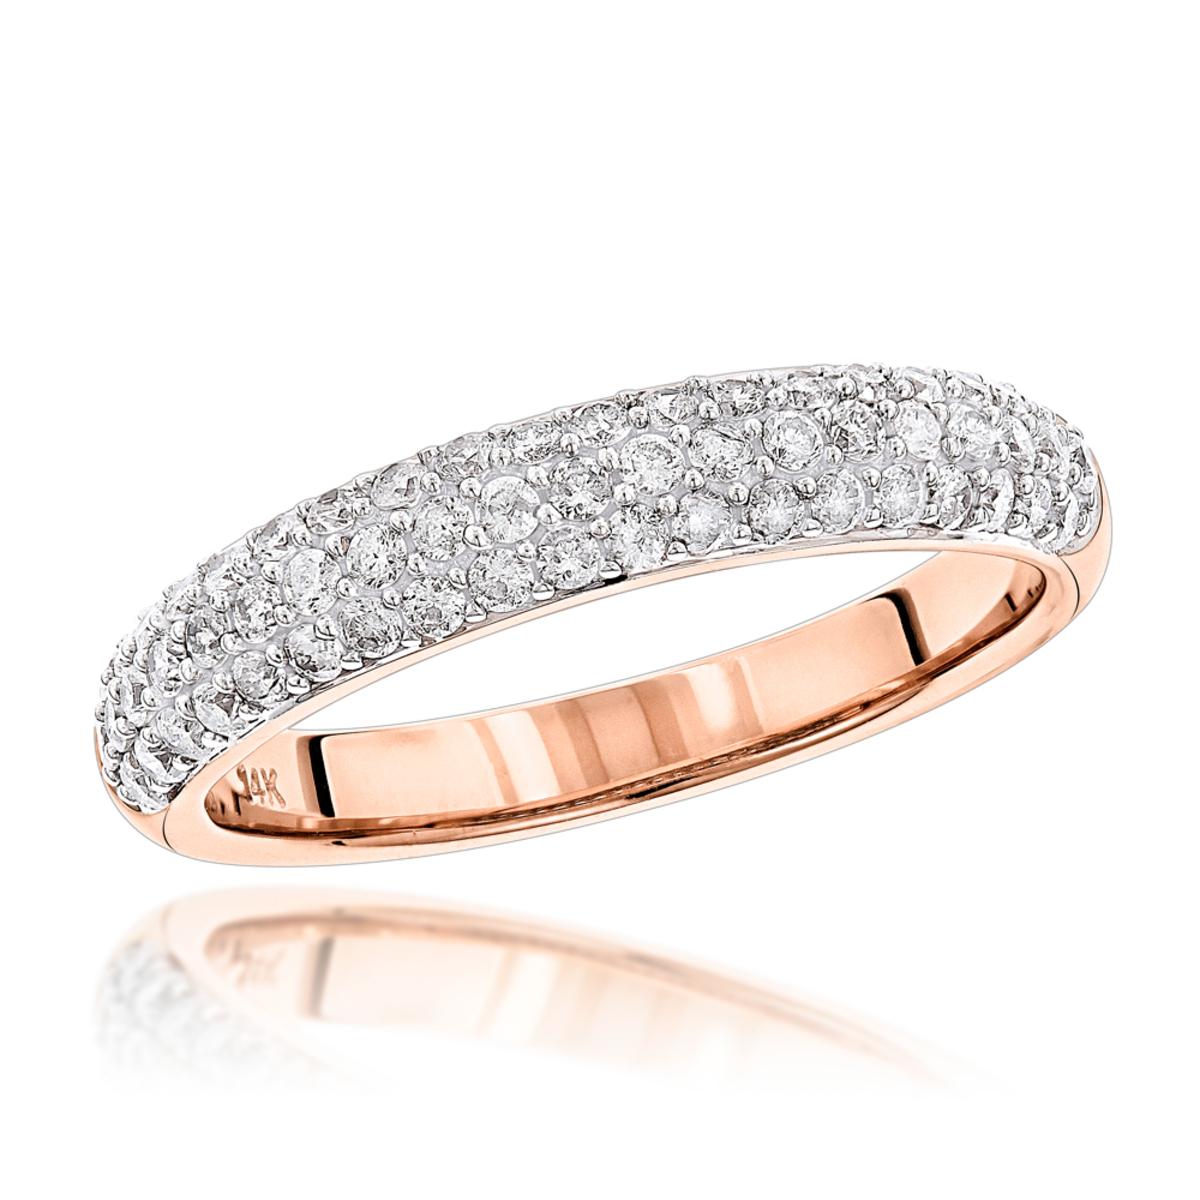 Thin 14K Gold Round Cut Pave Diamond Band 0.75 carat